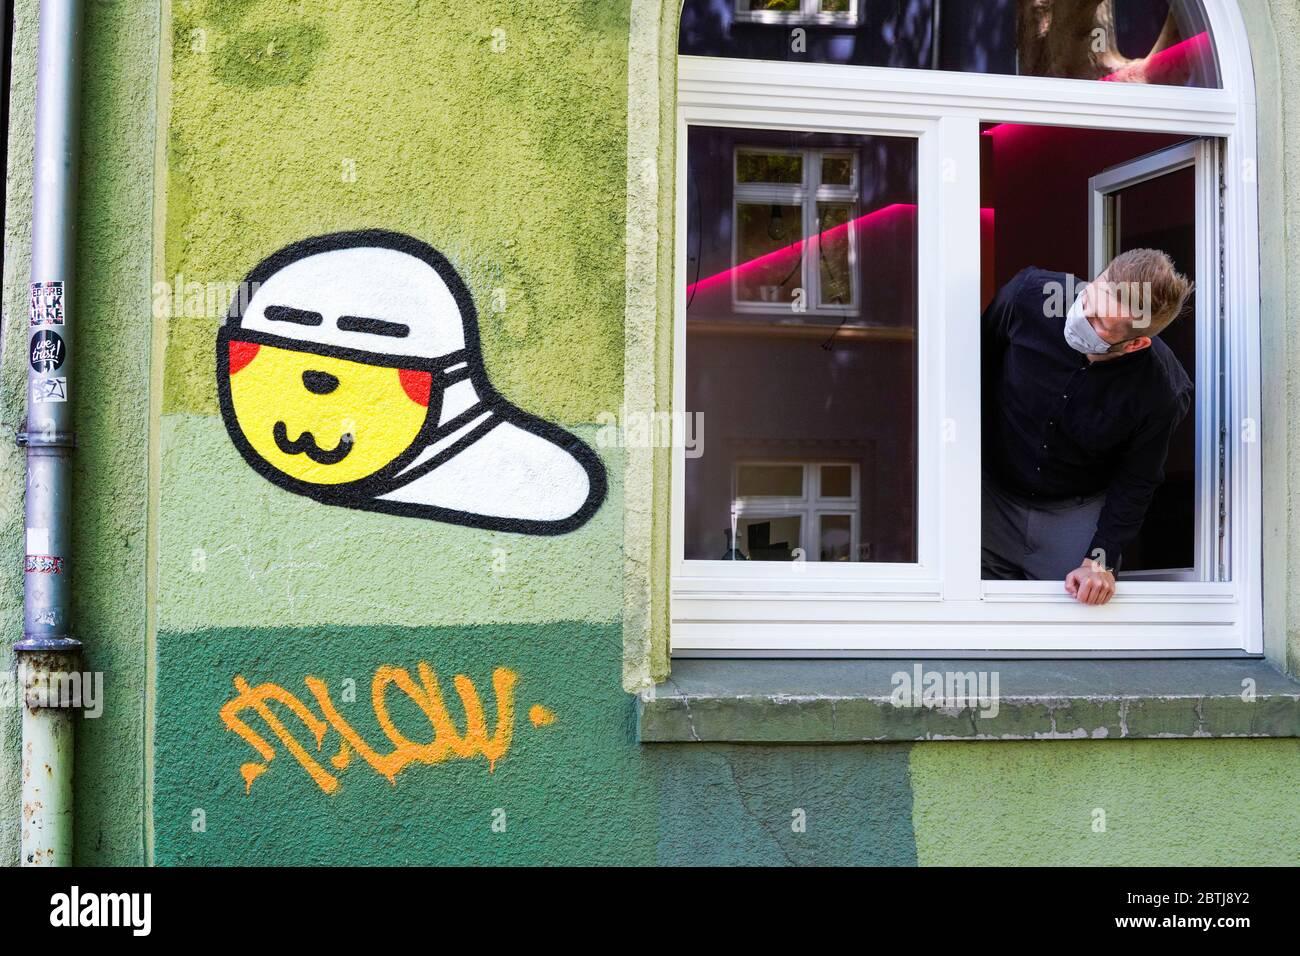 Dortmund, Germany, May 26th, 2020: Mask worms. Since the outbreak of the corona crisis in March 2020, small corona virus graffiti with a mouth mask created by an unknown sprayer can be seen on many house walls in Dortmund.   ---   Dortmund, 26.05.2020: Maskenwürmchen. Seit Ausbruch der Corona-Krise im März 2020 sind kleine Coronaviren-Graffitis mit Mundschutz eines unbekannten Sprayers an vielen Hauswänden in Dortmund zu sehen. Stock Photo